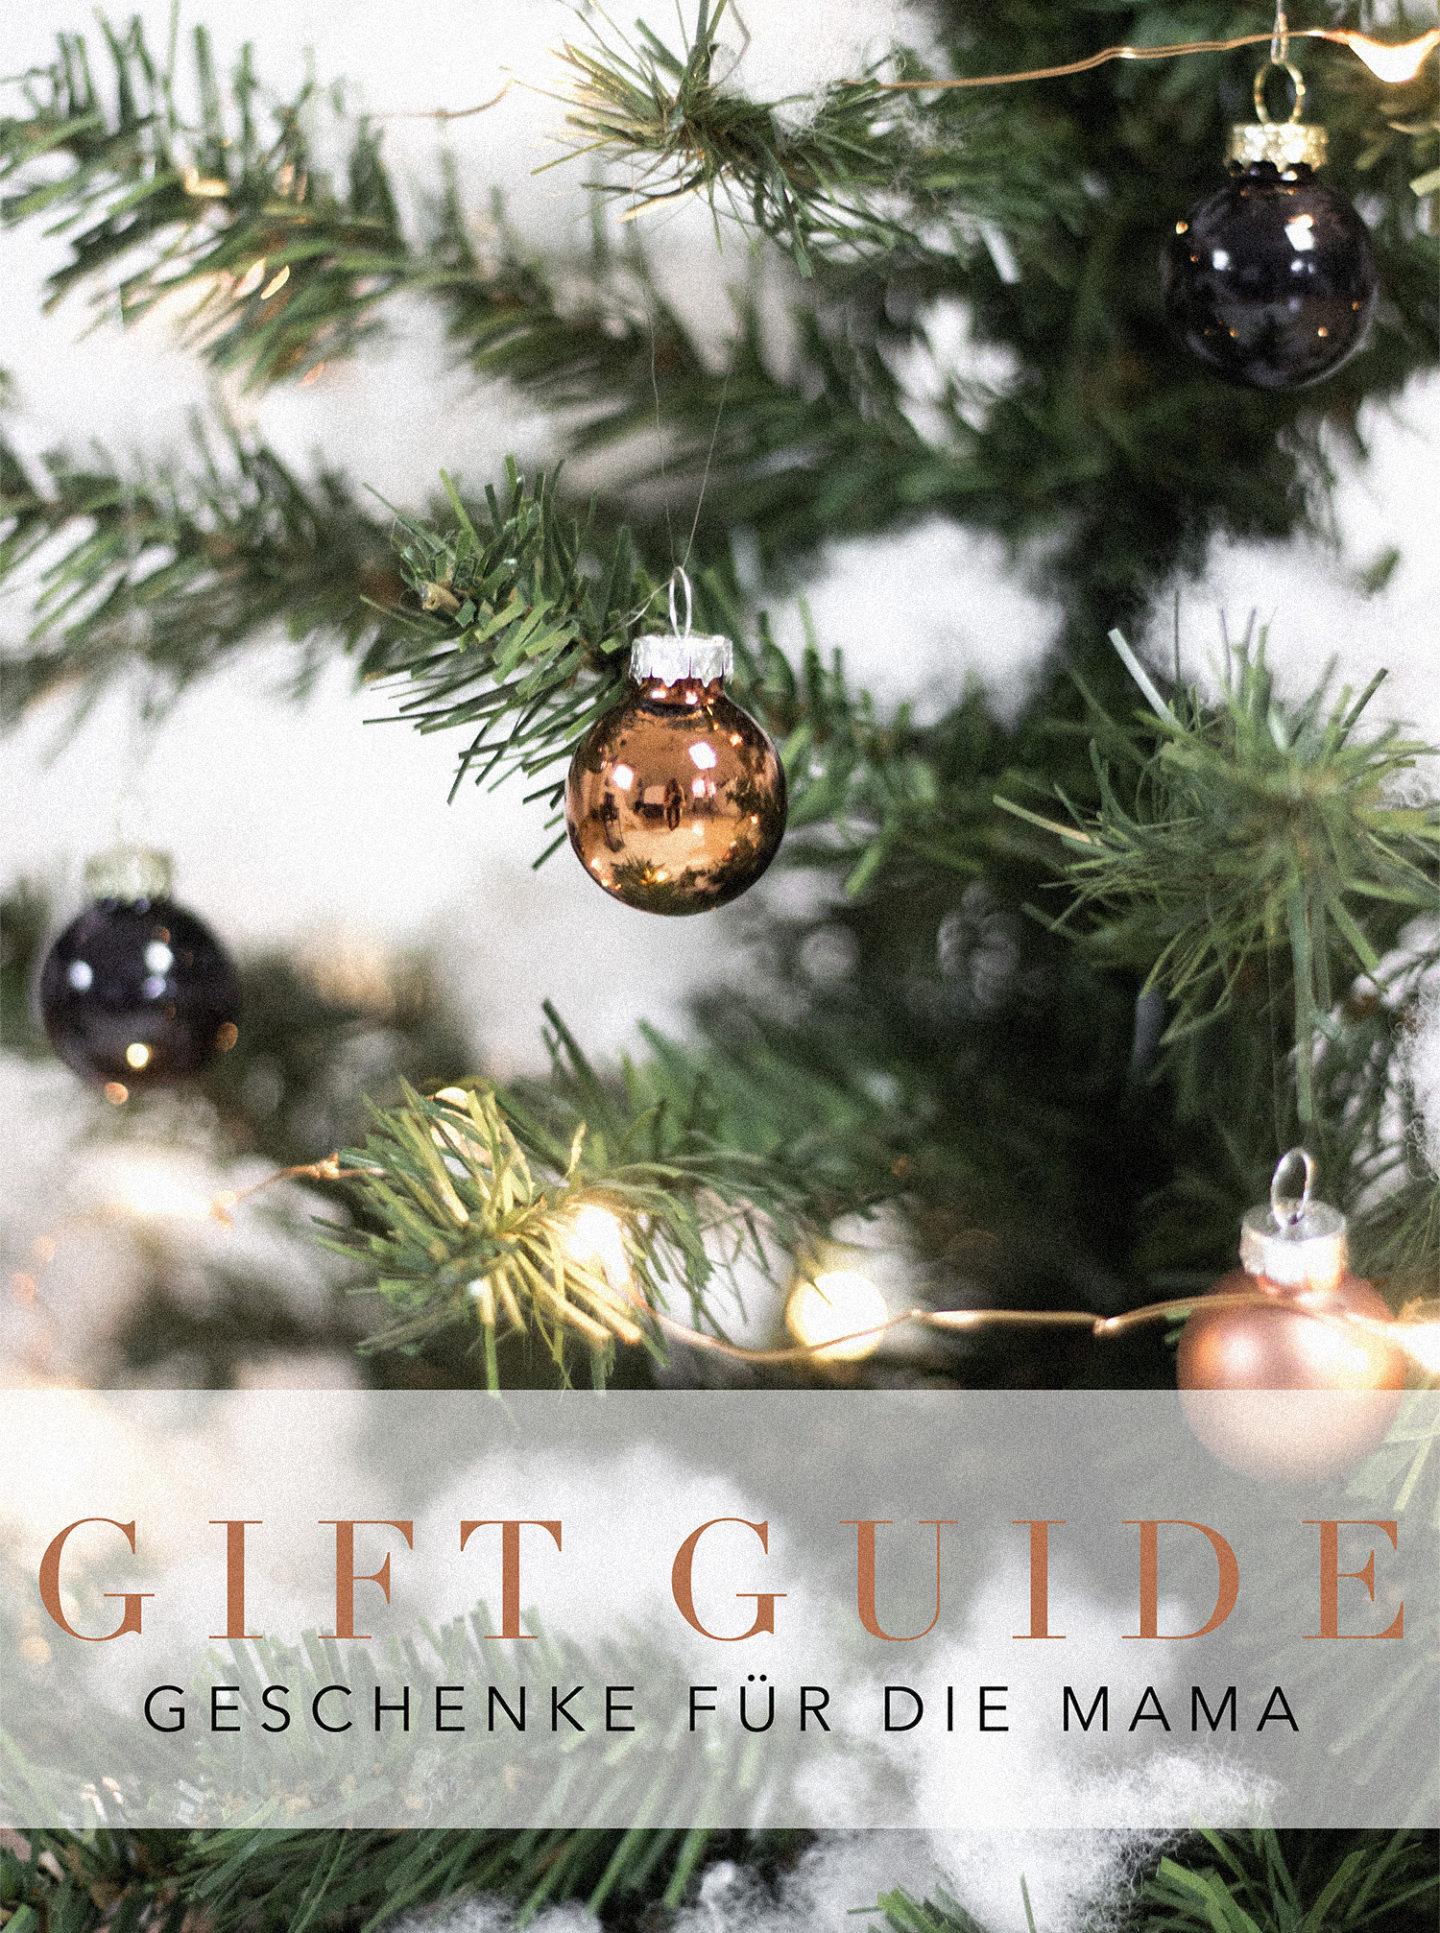 Gift Guide – Geschenke für die Mama